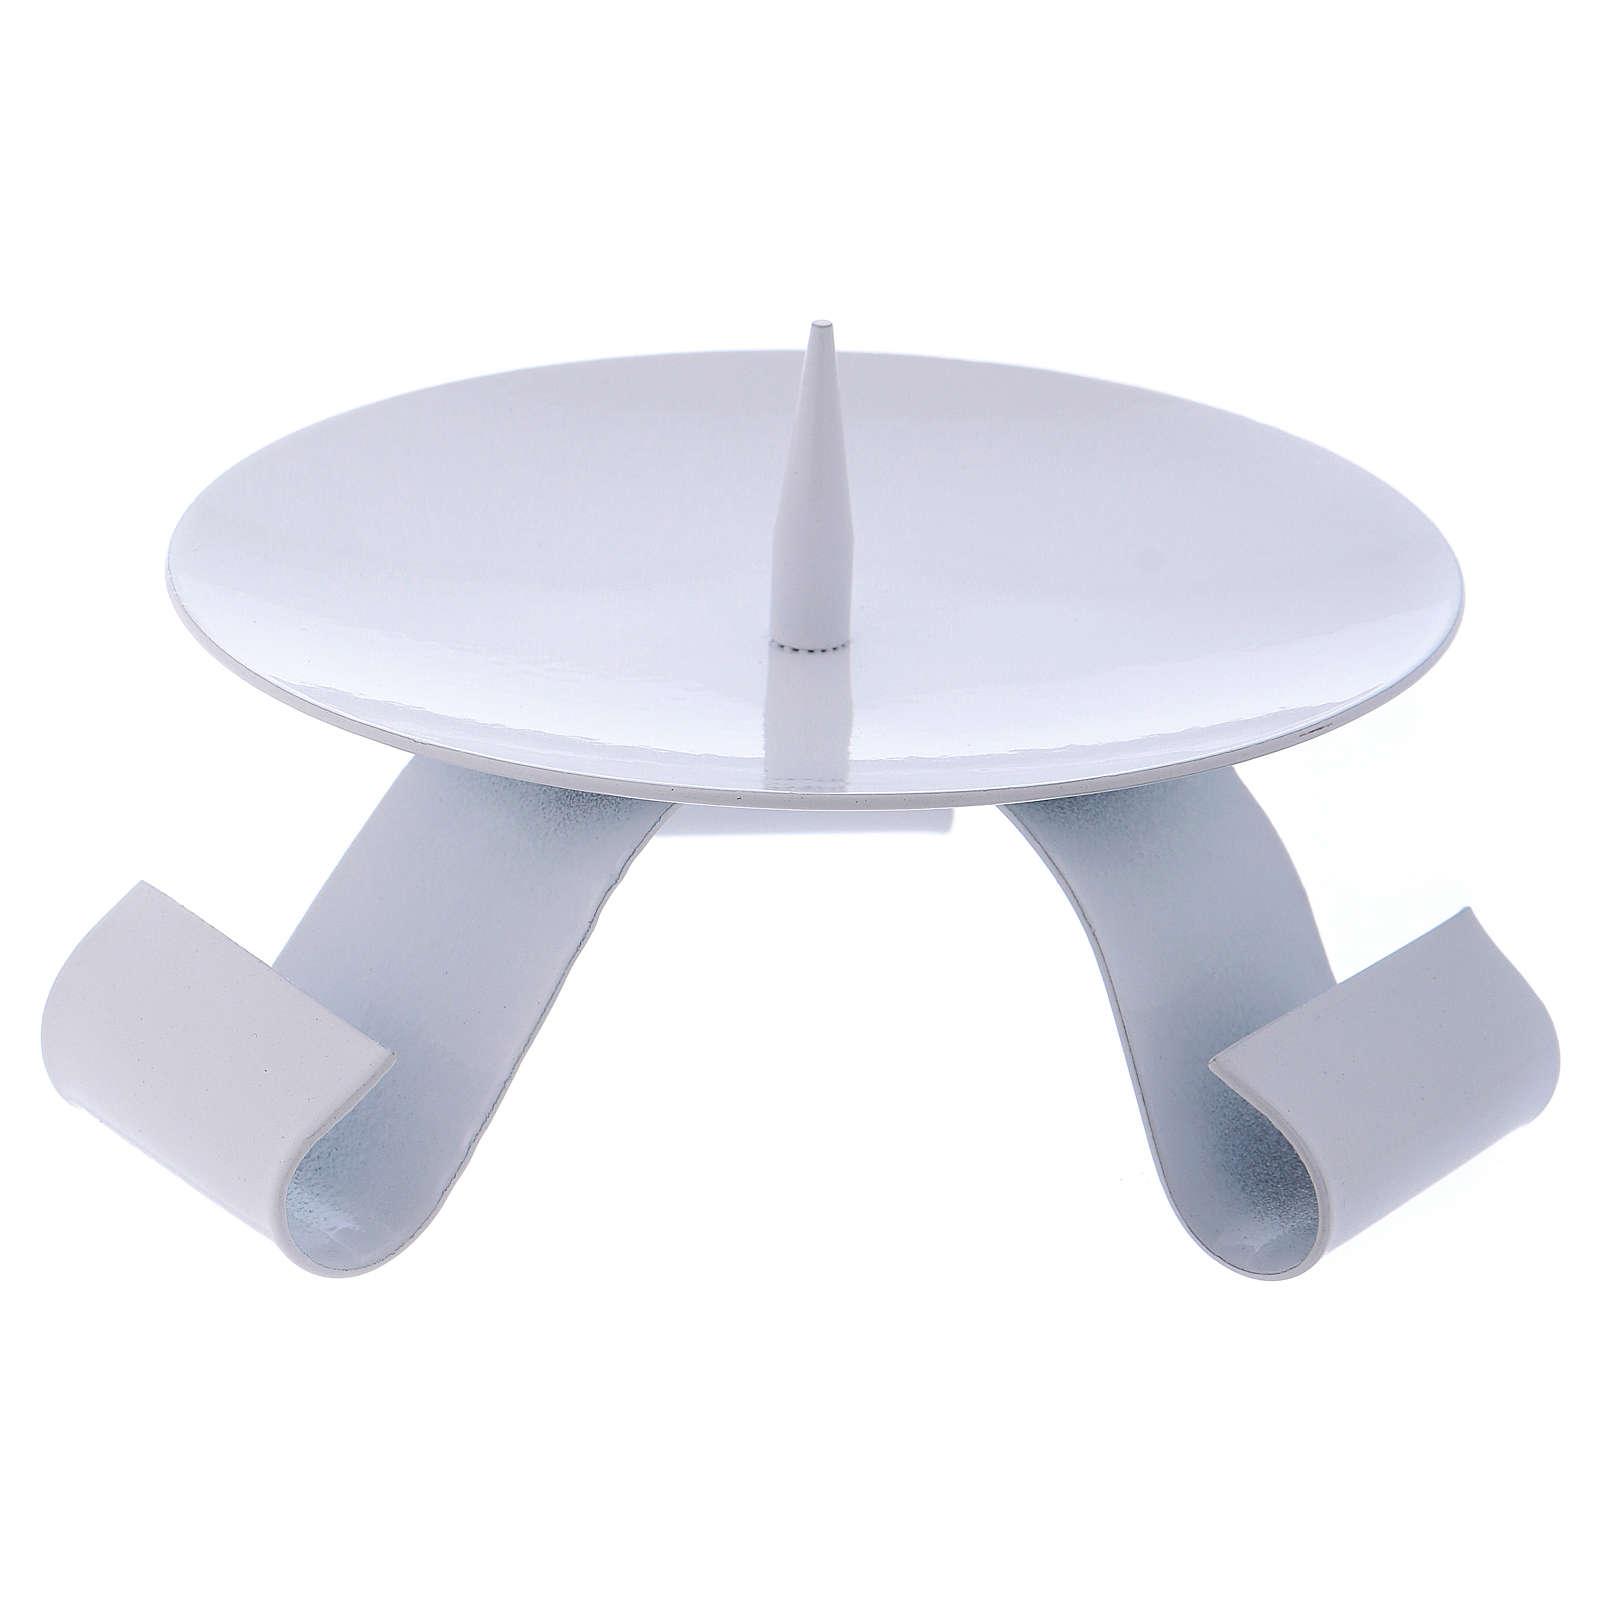 Porte-bougie en fer blanc pique centrale diam. 11,5 cm 3